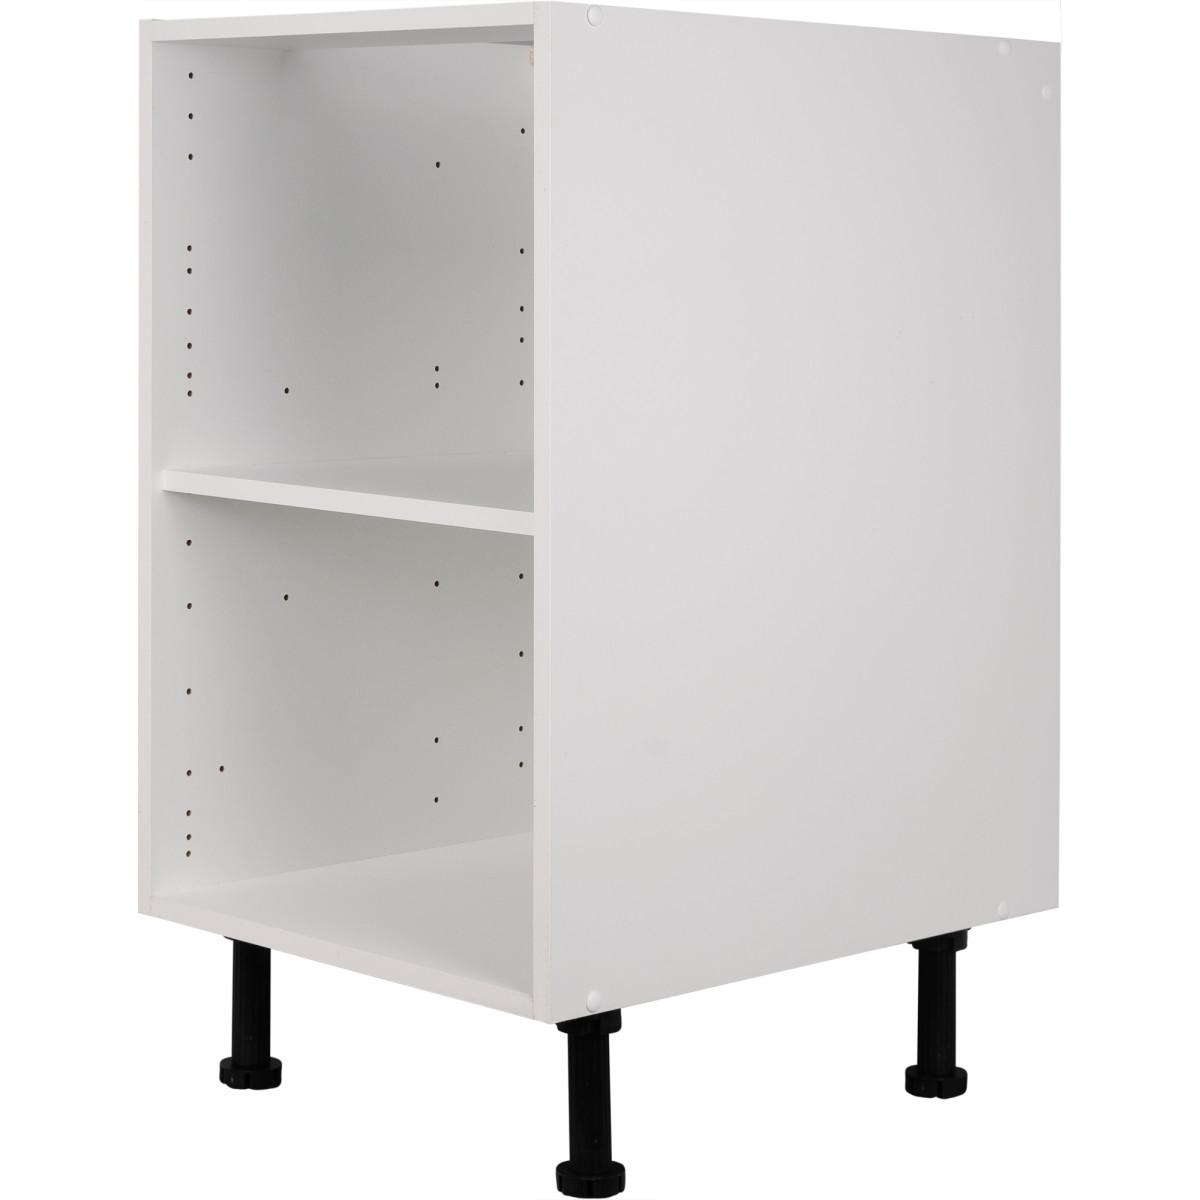 Каркас напольный 45x70x56 см ЛДСП цвет белый